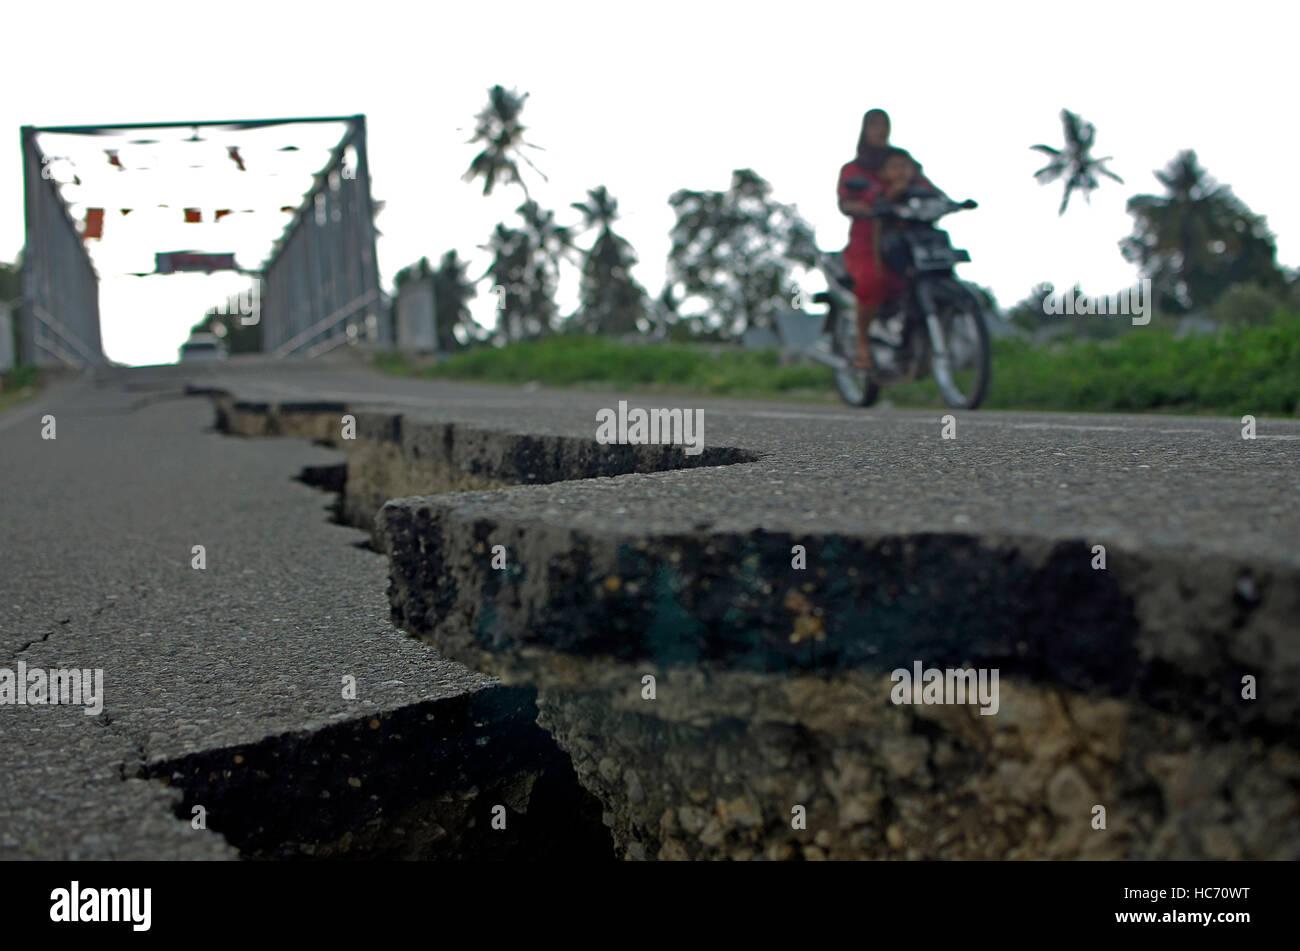 L'Indonésie. 07Th Dec, 2016. 6.5 Mesure du séisme sur l'échelle de Richter (sr) secoué Photo Stock